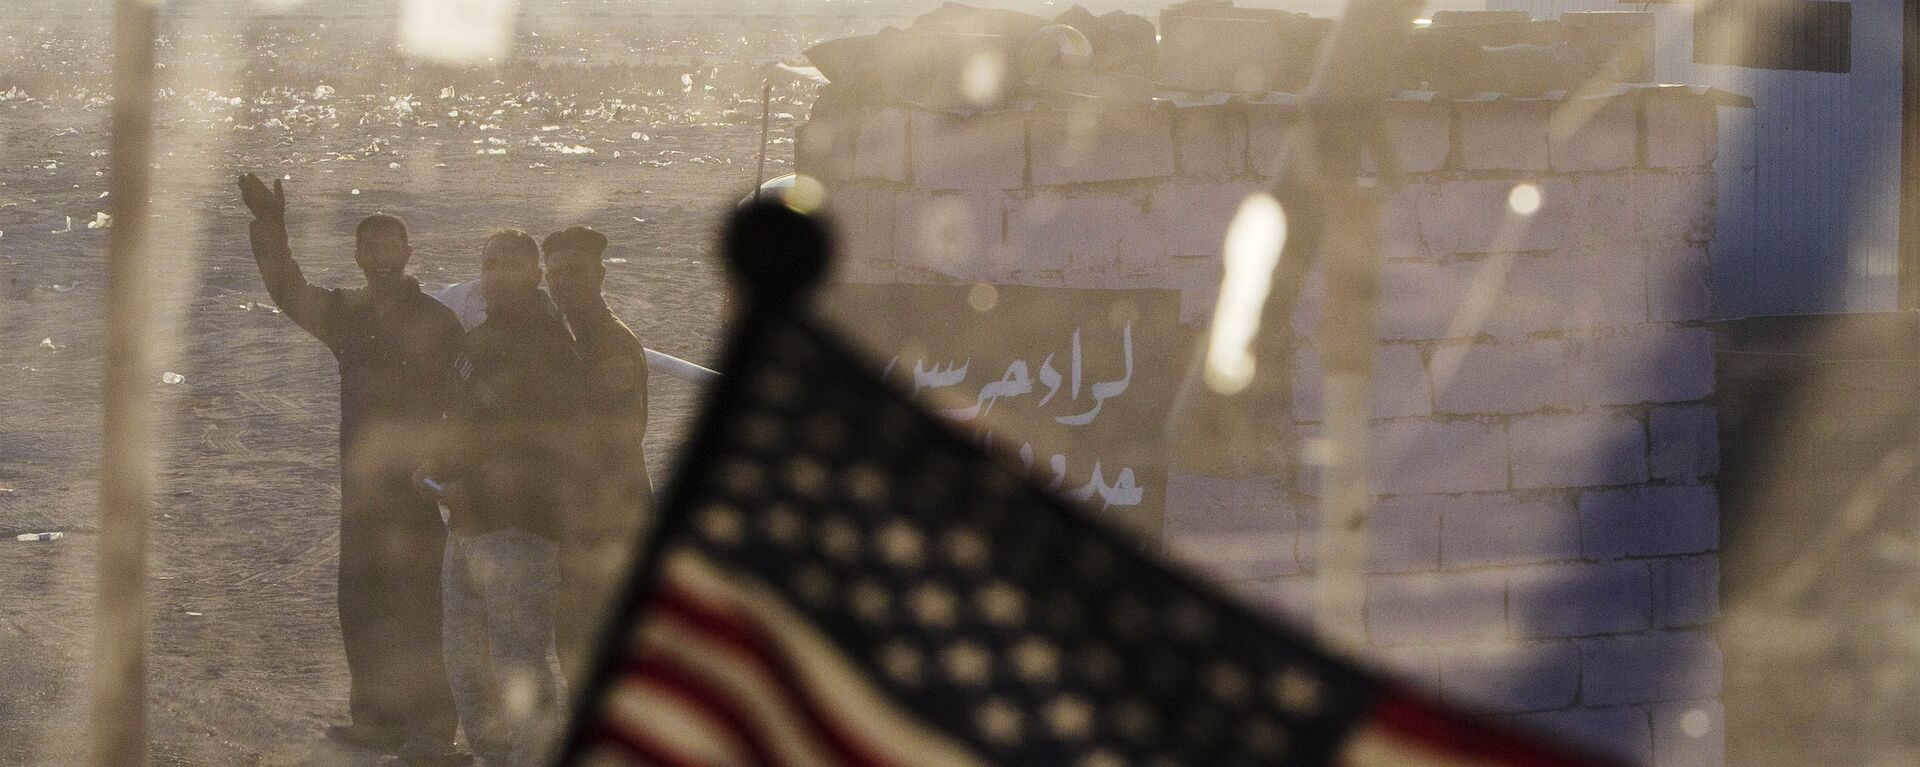 La bandera de EEUU en Irak (archivo) - Sputnik Mundo, 1920, 28.06.2021